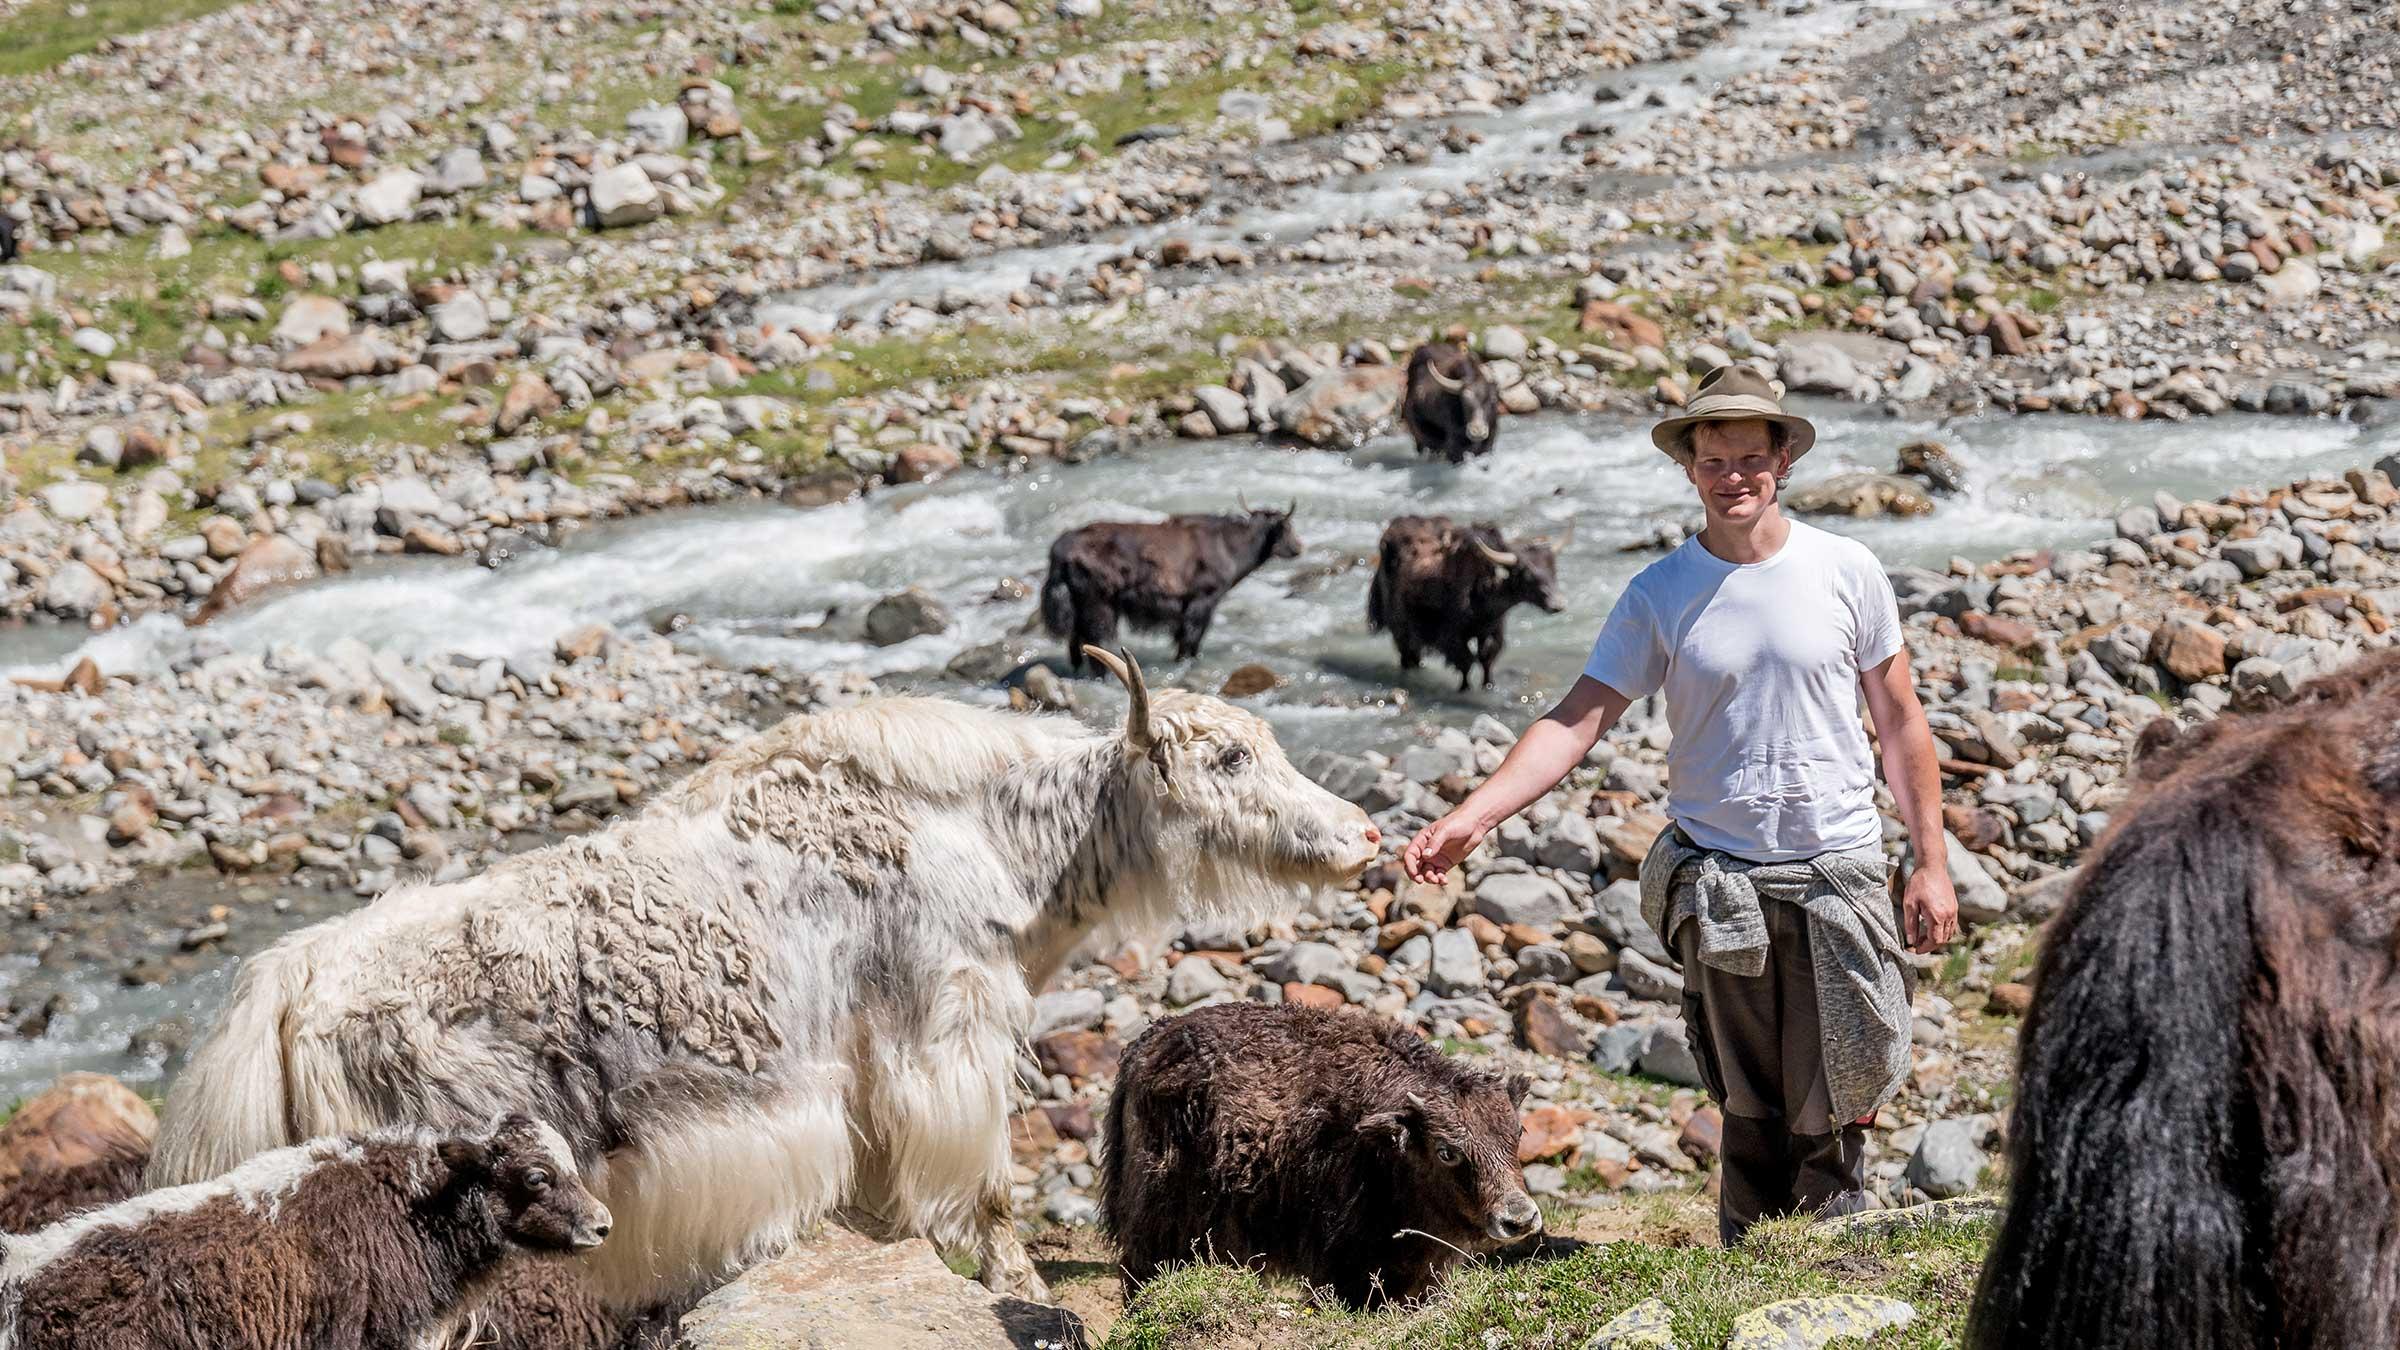 Züchter und Tiere - Kulinarik Sölden Windachtal